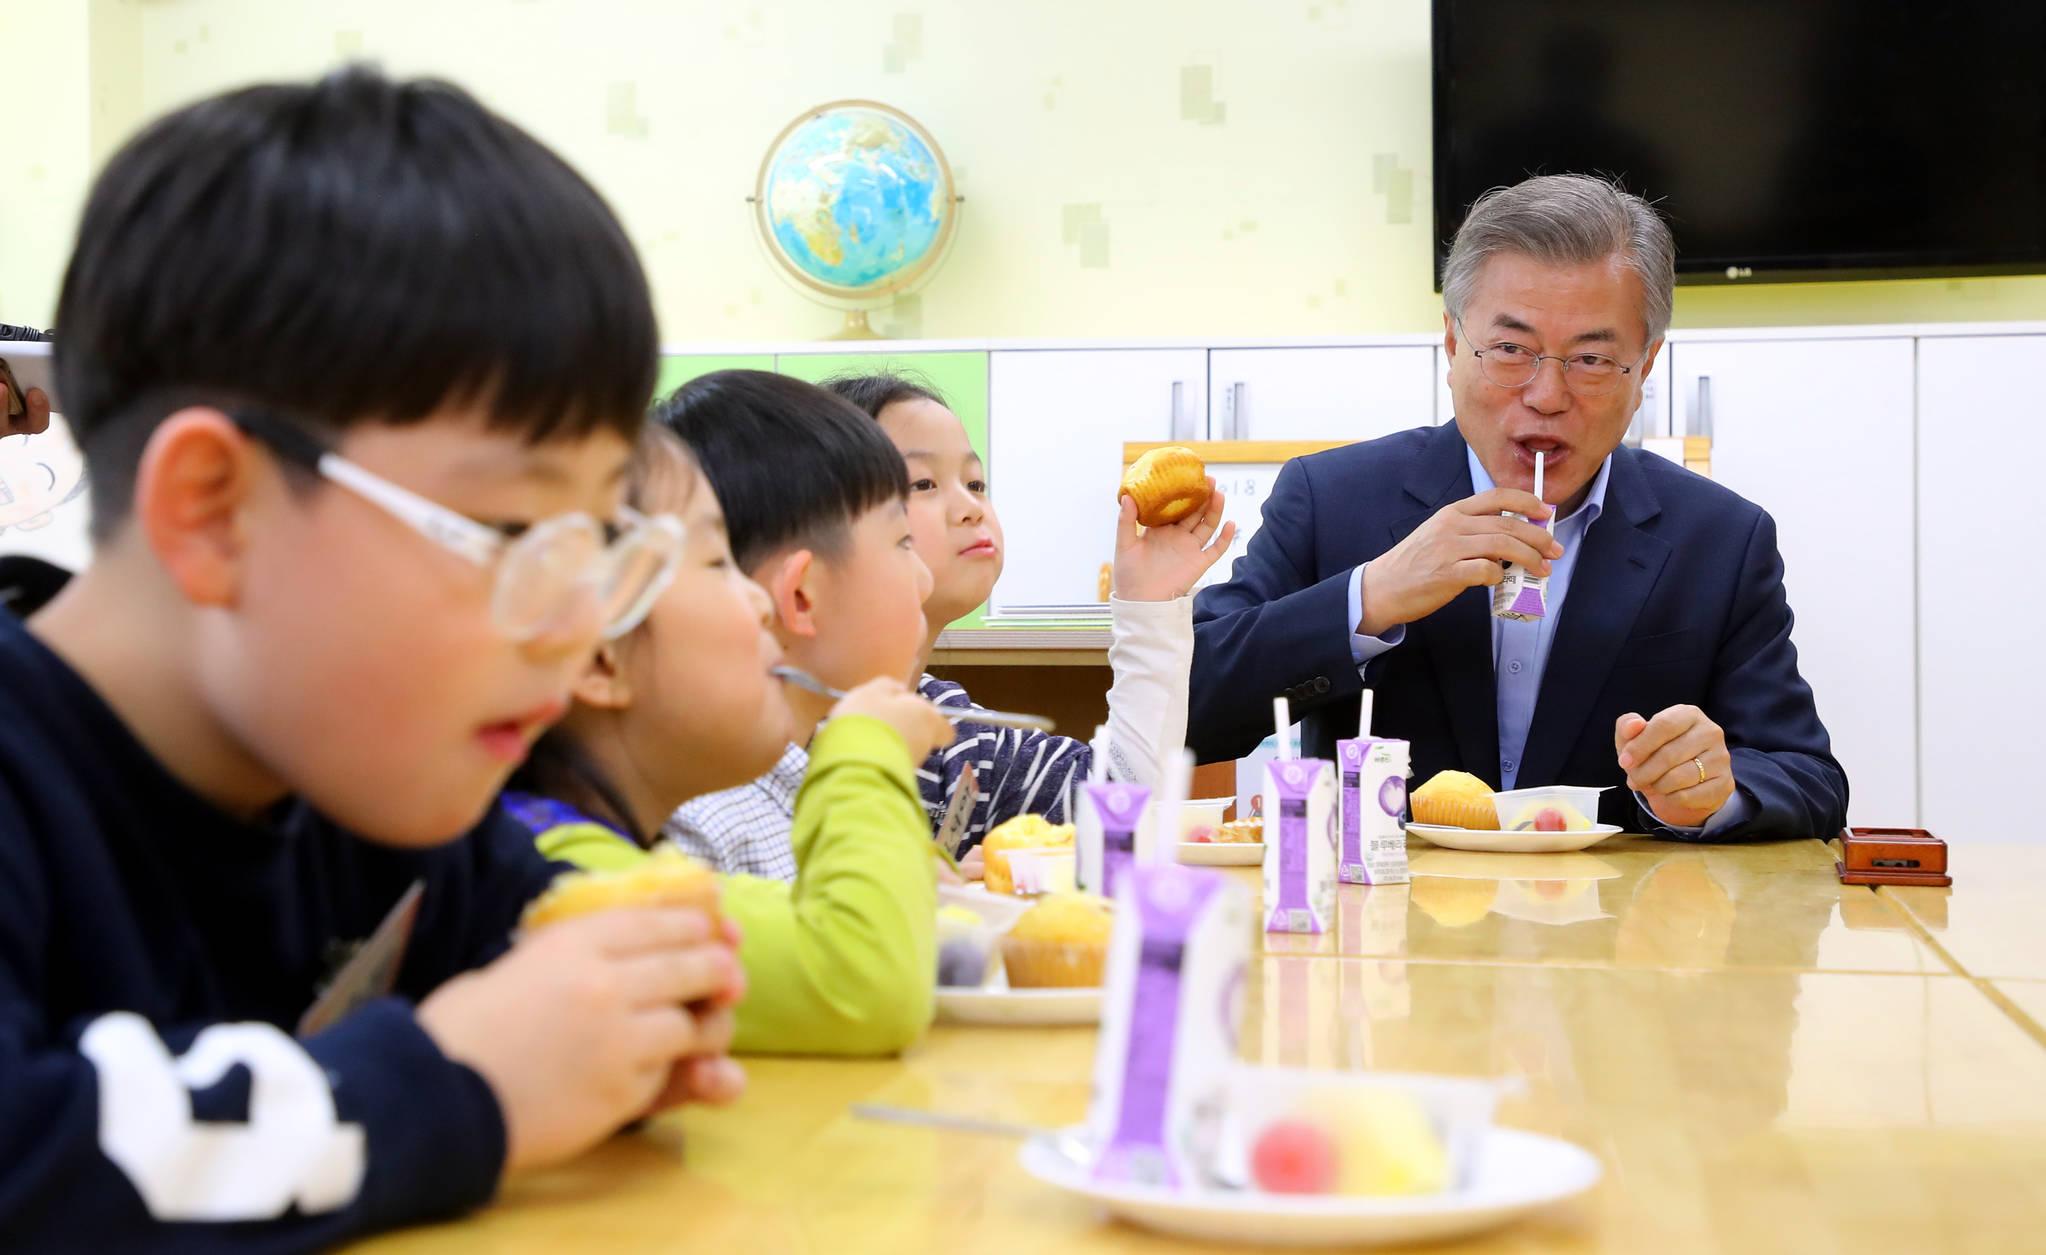 문재인 대통령이 지난달 4일 서울 경동초등학교에서 열린 온종일 돌봄 정책간담회에 앞서 돌봄교실에서 아이들과 간식을 먹으며 이야기를 하고 있다. 김상선 기자